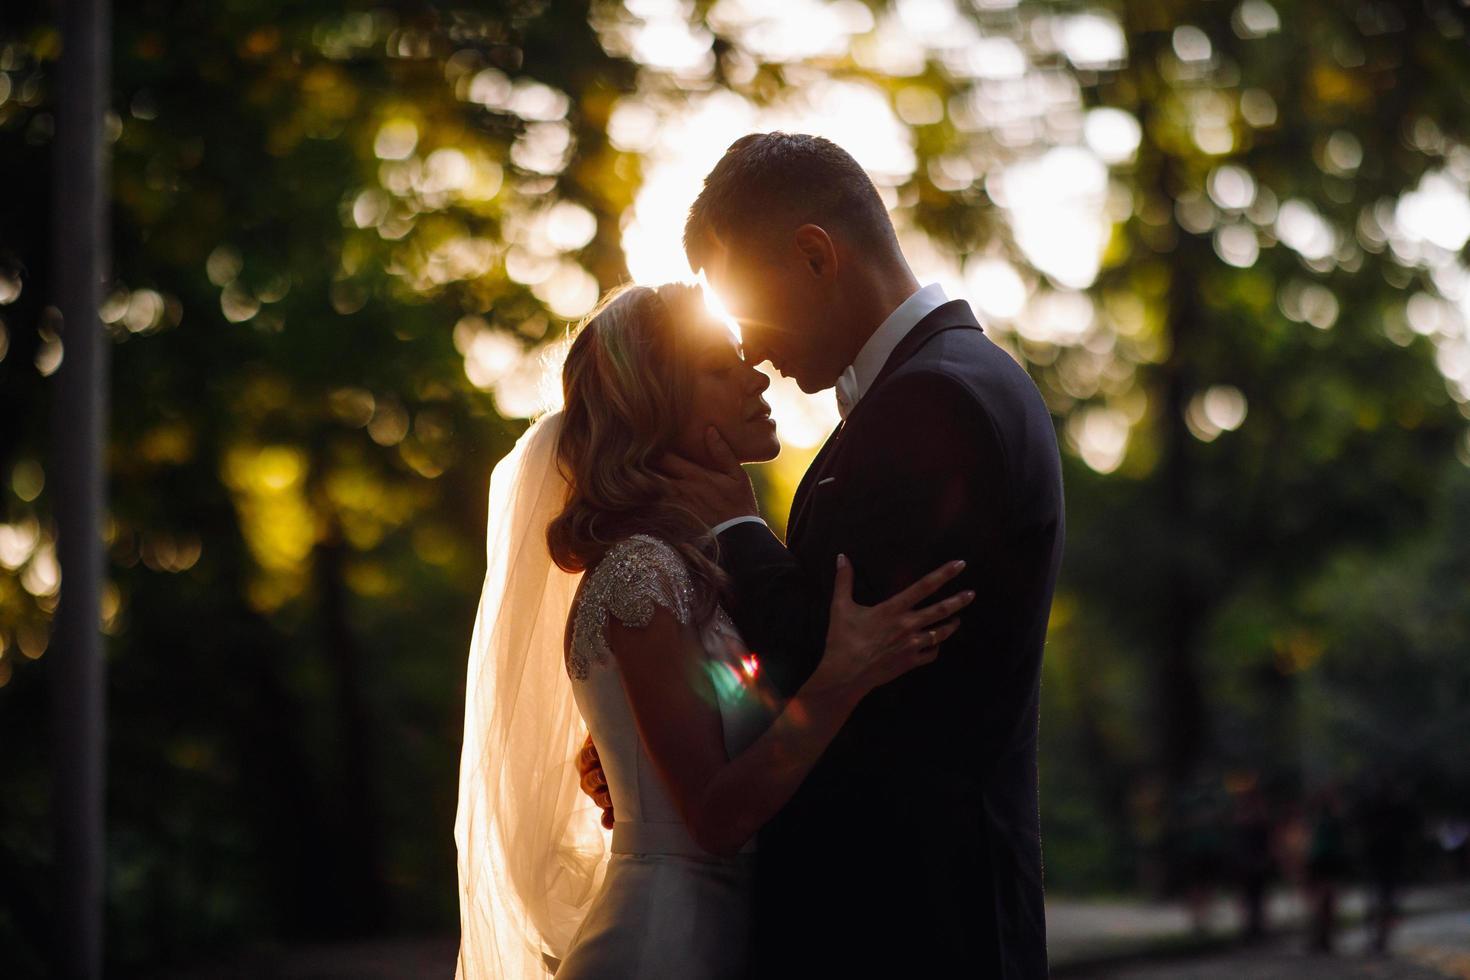 soleil d'été derrière un beau couple de mariage photo